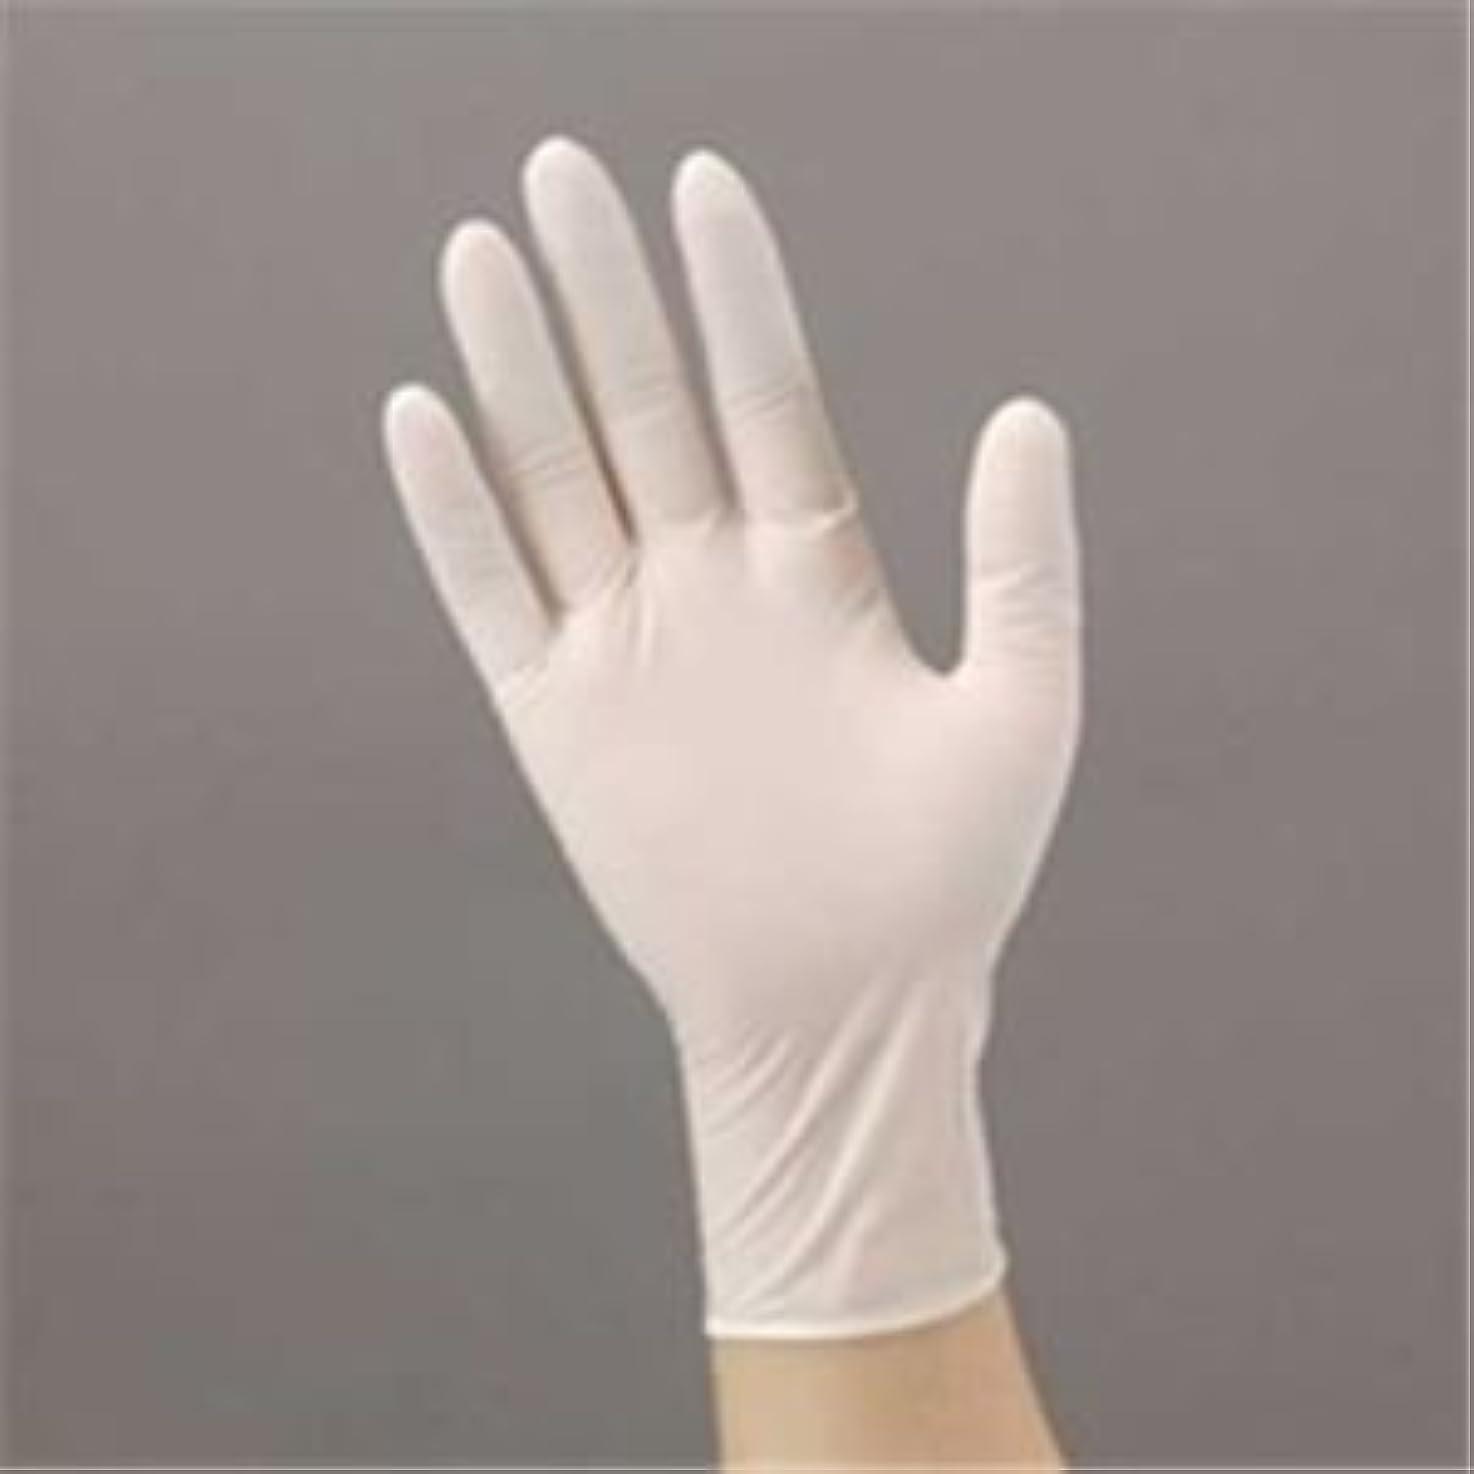 信条教育するバケツエステー ニトリル手袋/作業用手袋 [粉付 No981/L 12箱]